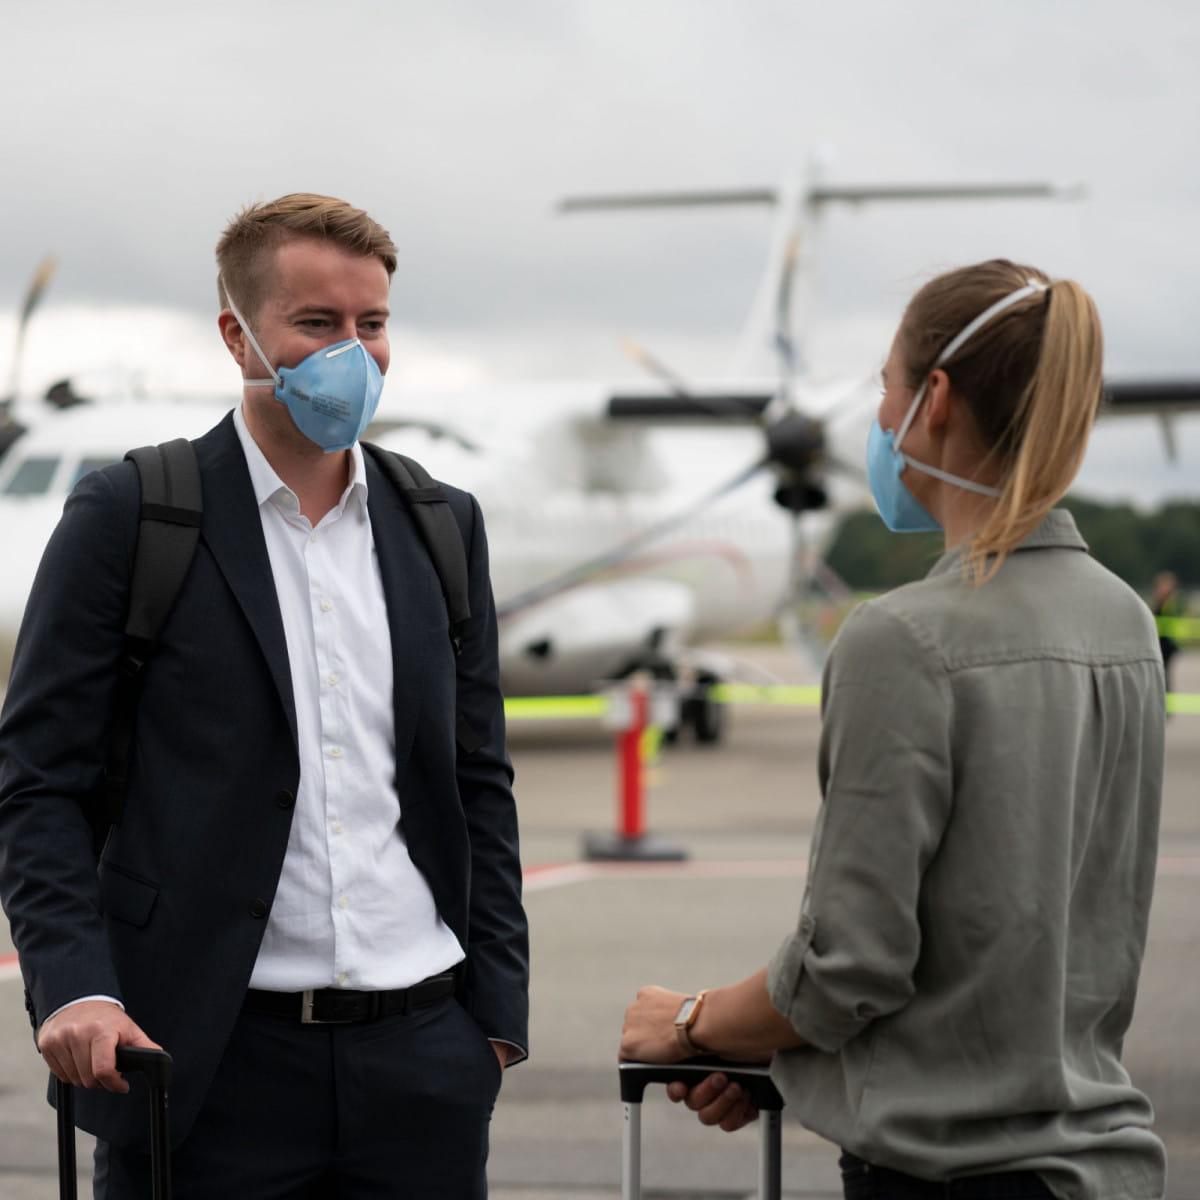 Mann und Frau mit Atemschutzmaske am Flughafen.